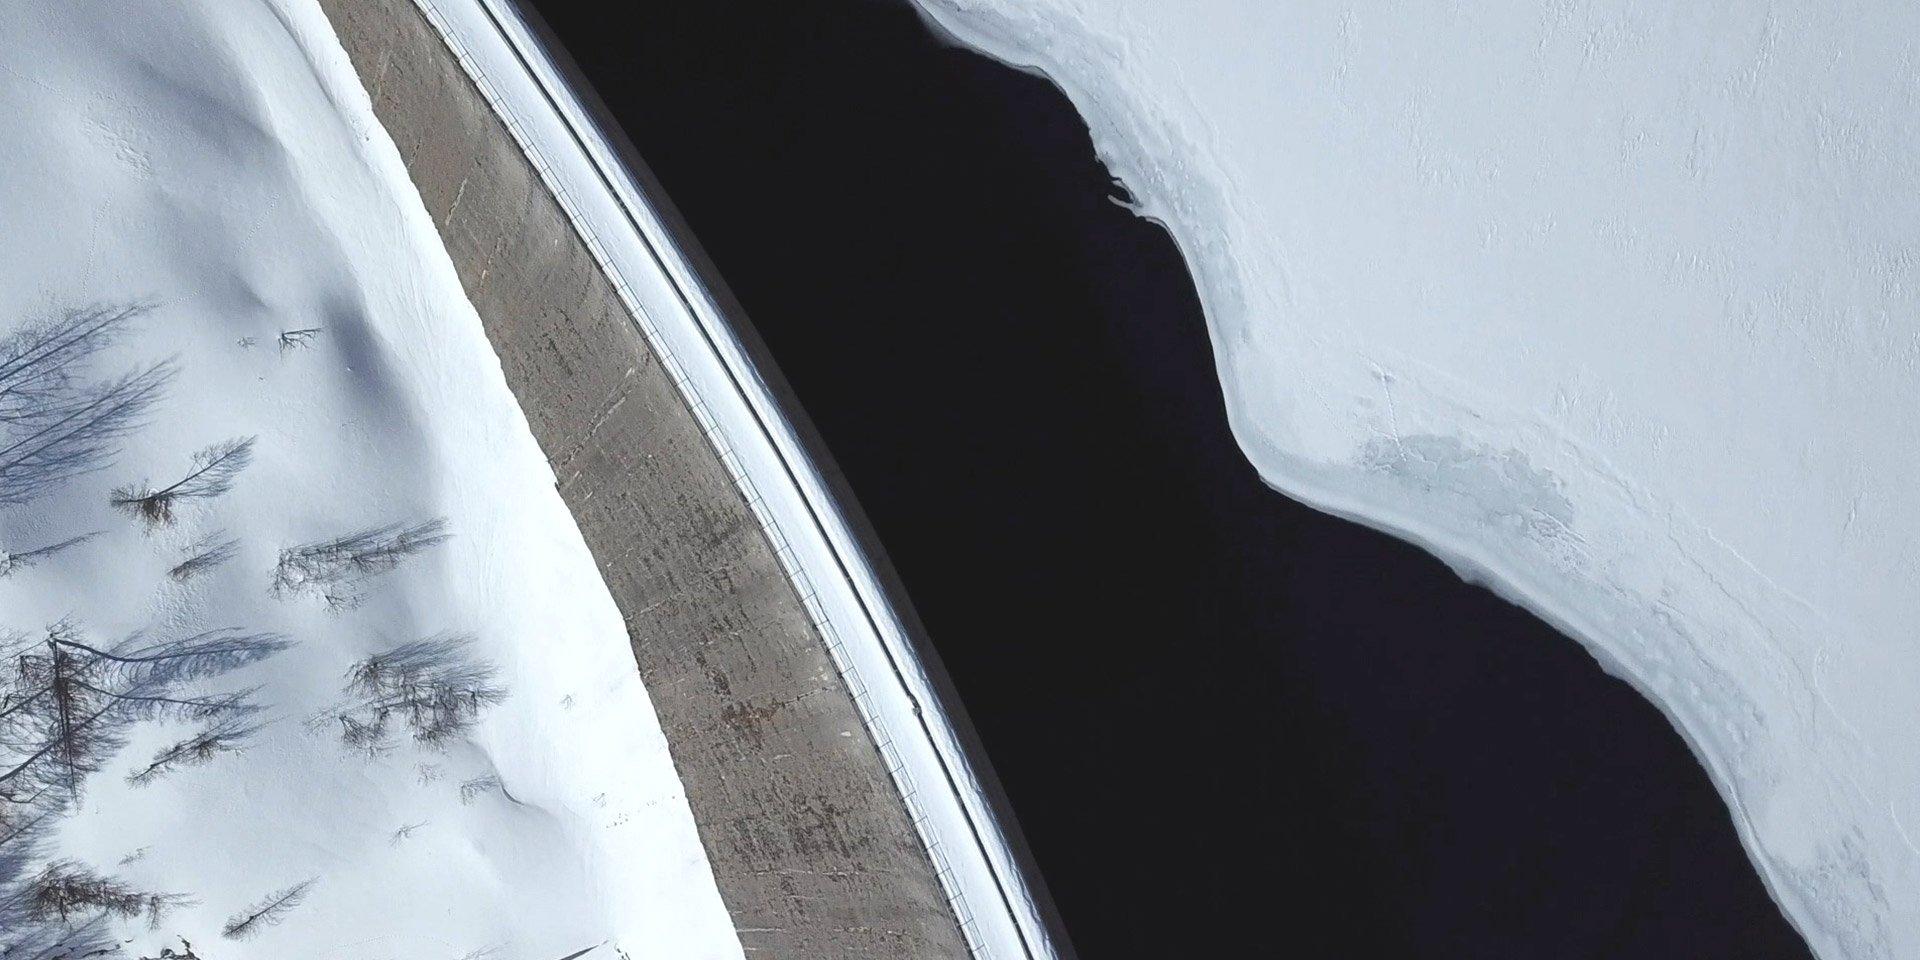 lago di rochemolles in inverno